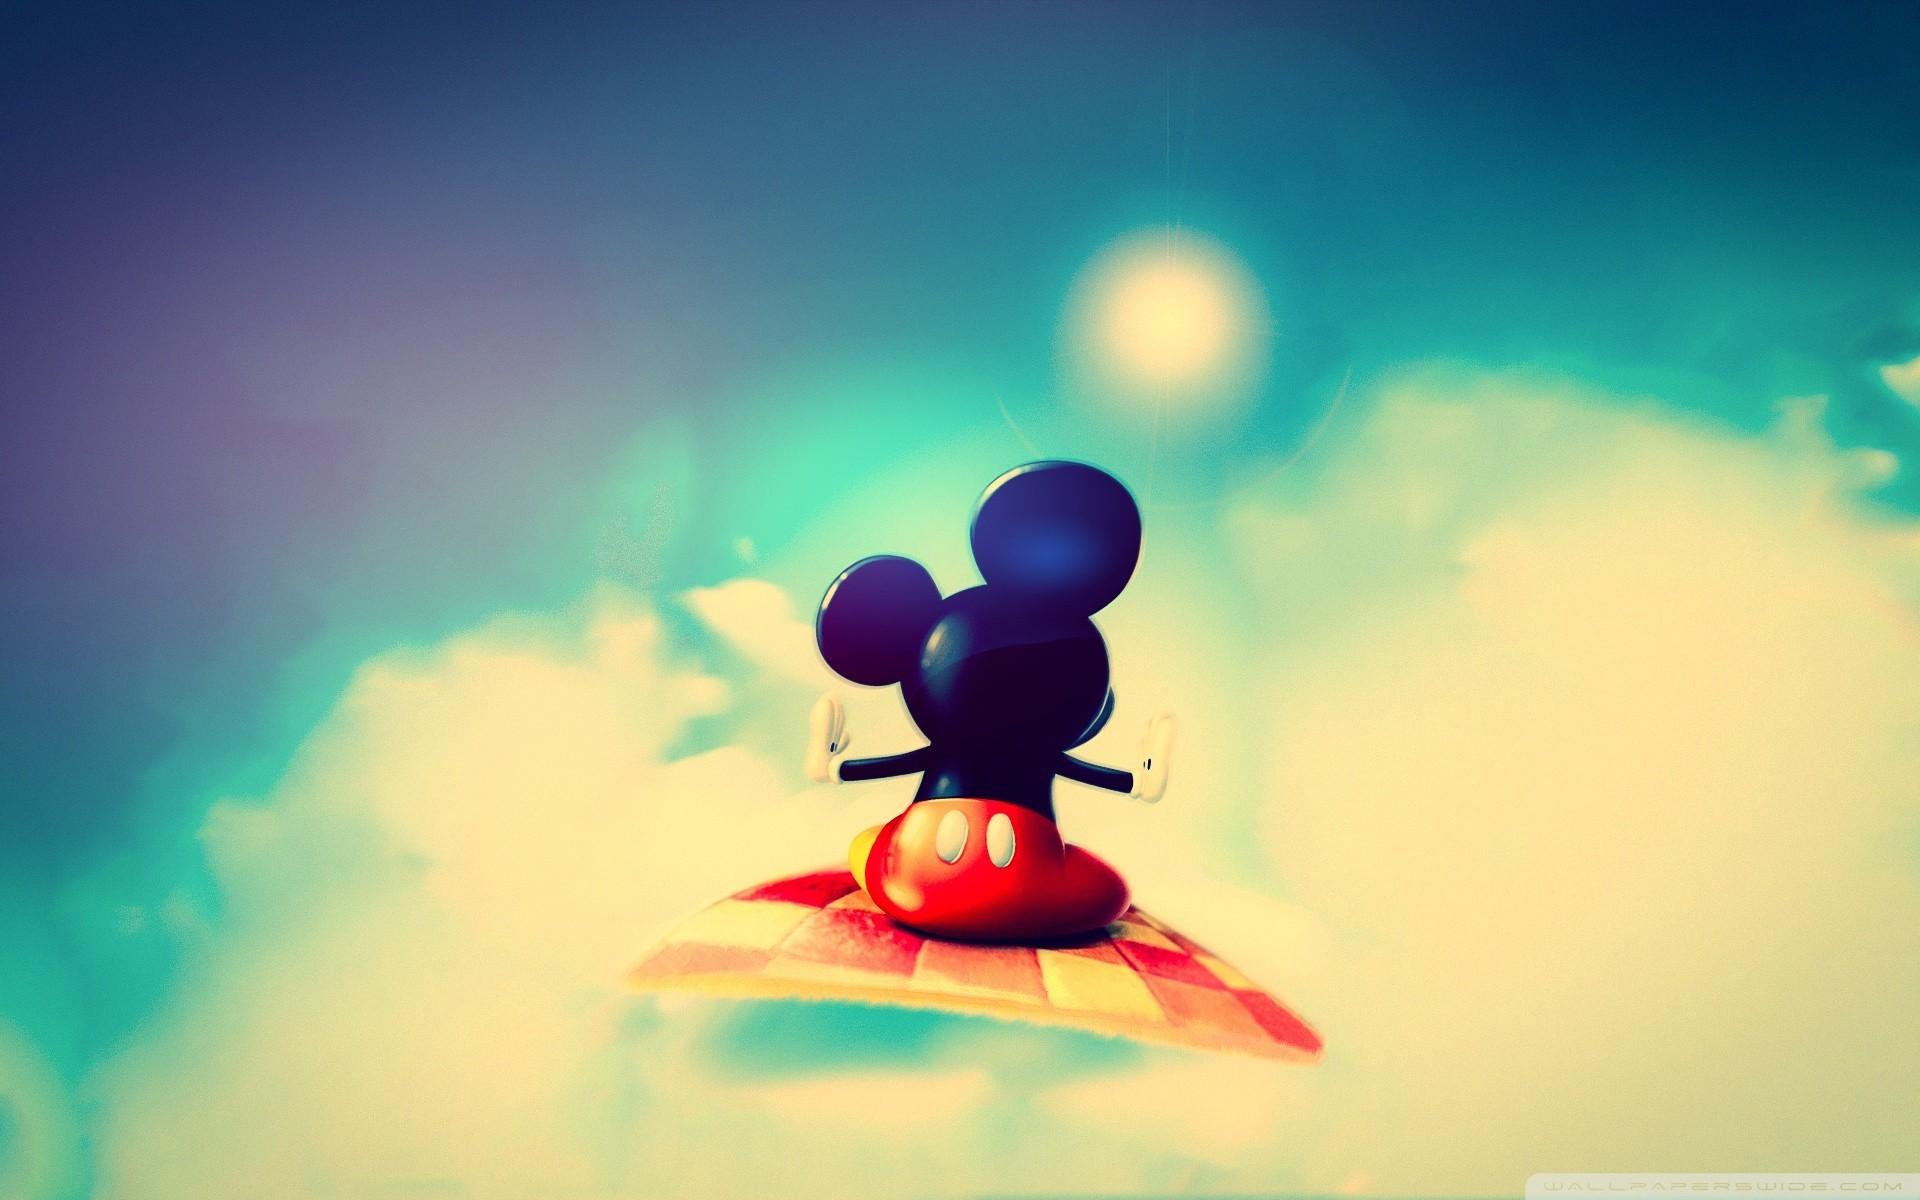 デスクトップ壁紙 日光 ミッキーマウス 赤 空 青 サークル